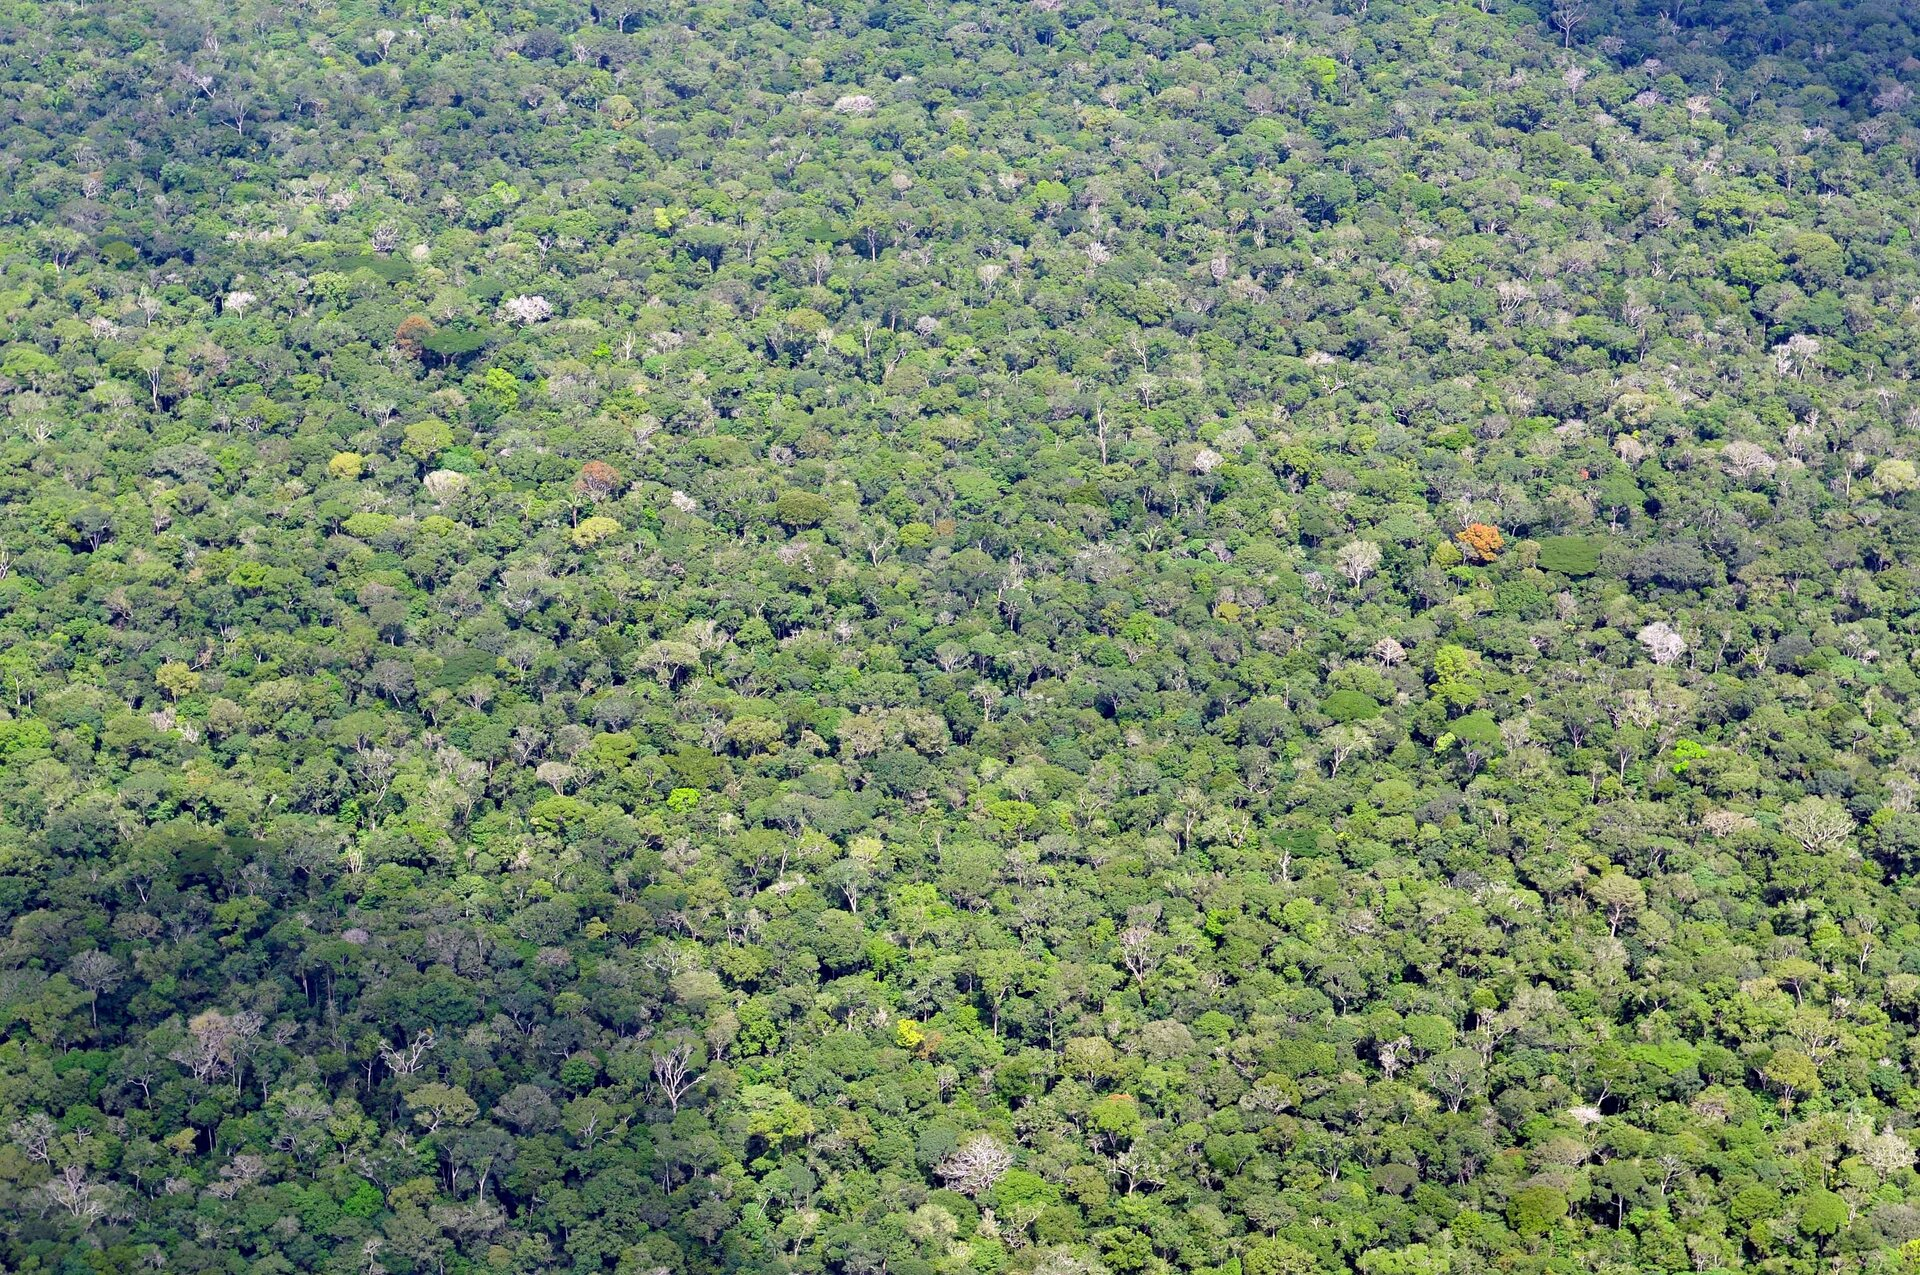 Fotografia druga wykonana zgór, prezentuje zwartą warstwę zielonych koron drzew.